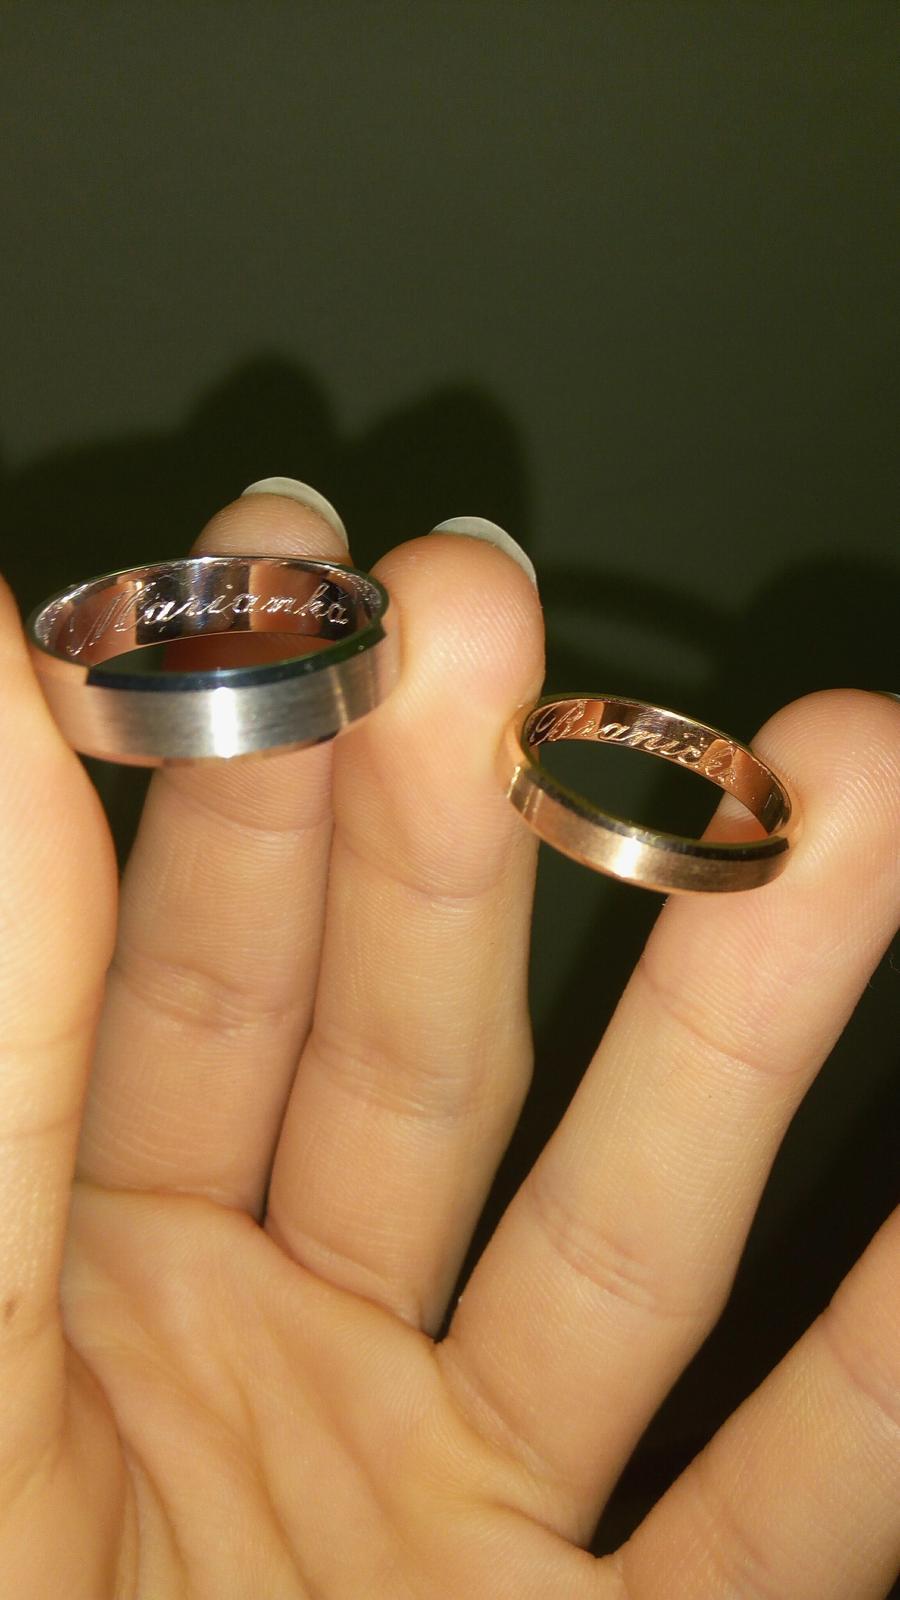 """Už sú doma 😊 Sú krajšie ako sme si predstavovali. I keď nenosíme prstene, tieto asi nosiť budeme ;) Gravírovať sme pôvodne nepotrebovali. Ale keď prstienky prišli, písala som drahému a on mi odpísal: """"Pozri sa dovnútra"""". Drobnosť, ktorá dojala 💛 - Obrázok č. 2"""